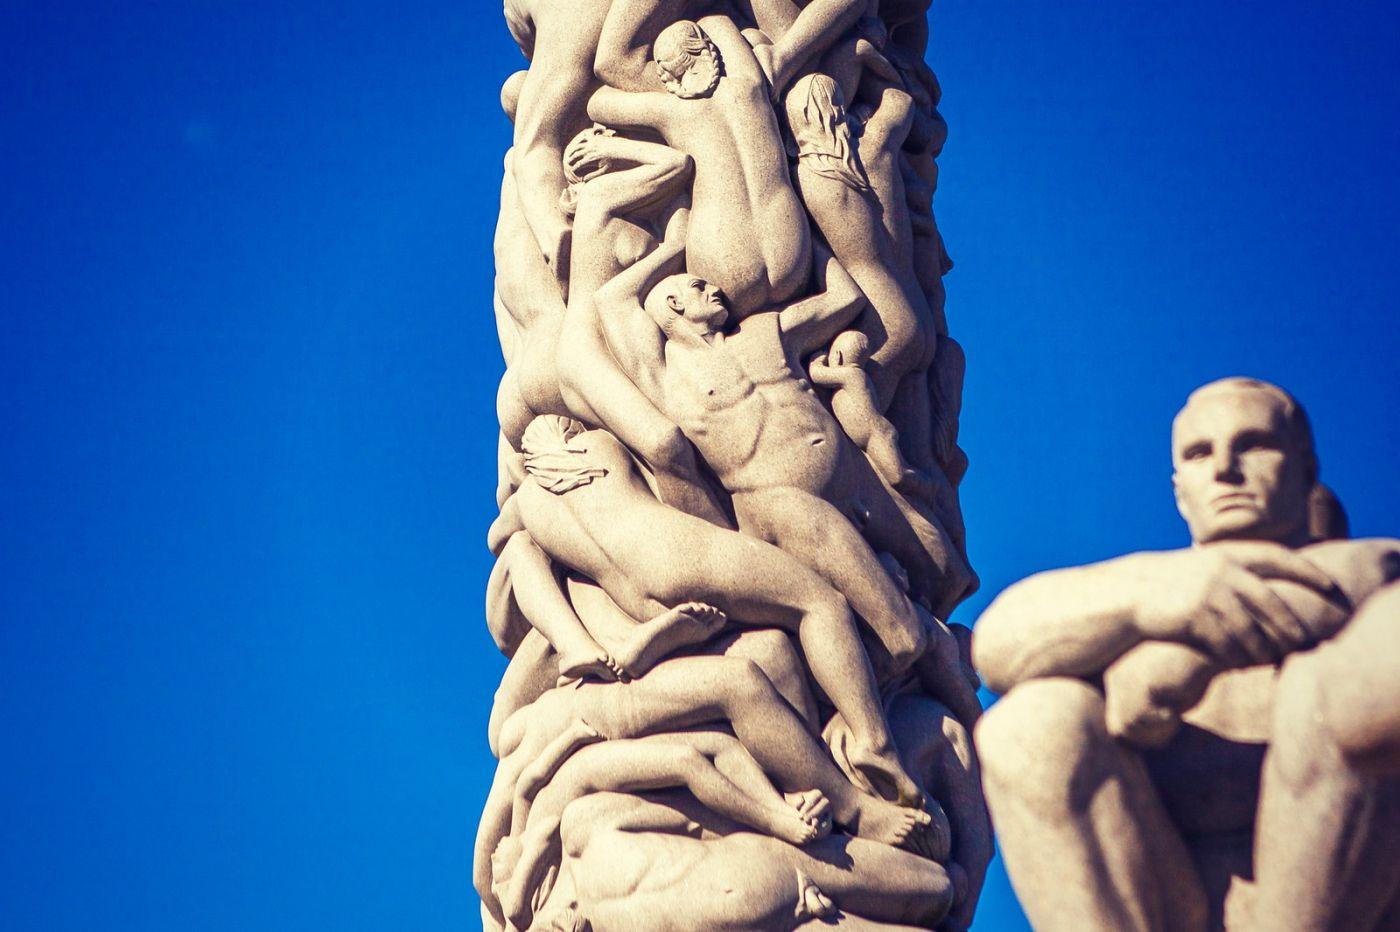 挪威维格兰雕塑公园,风格明显_图1-8